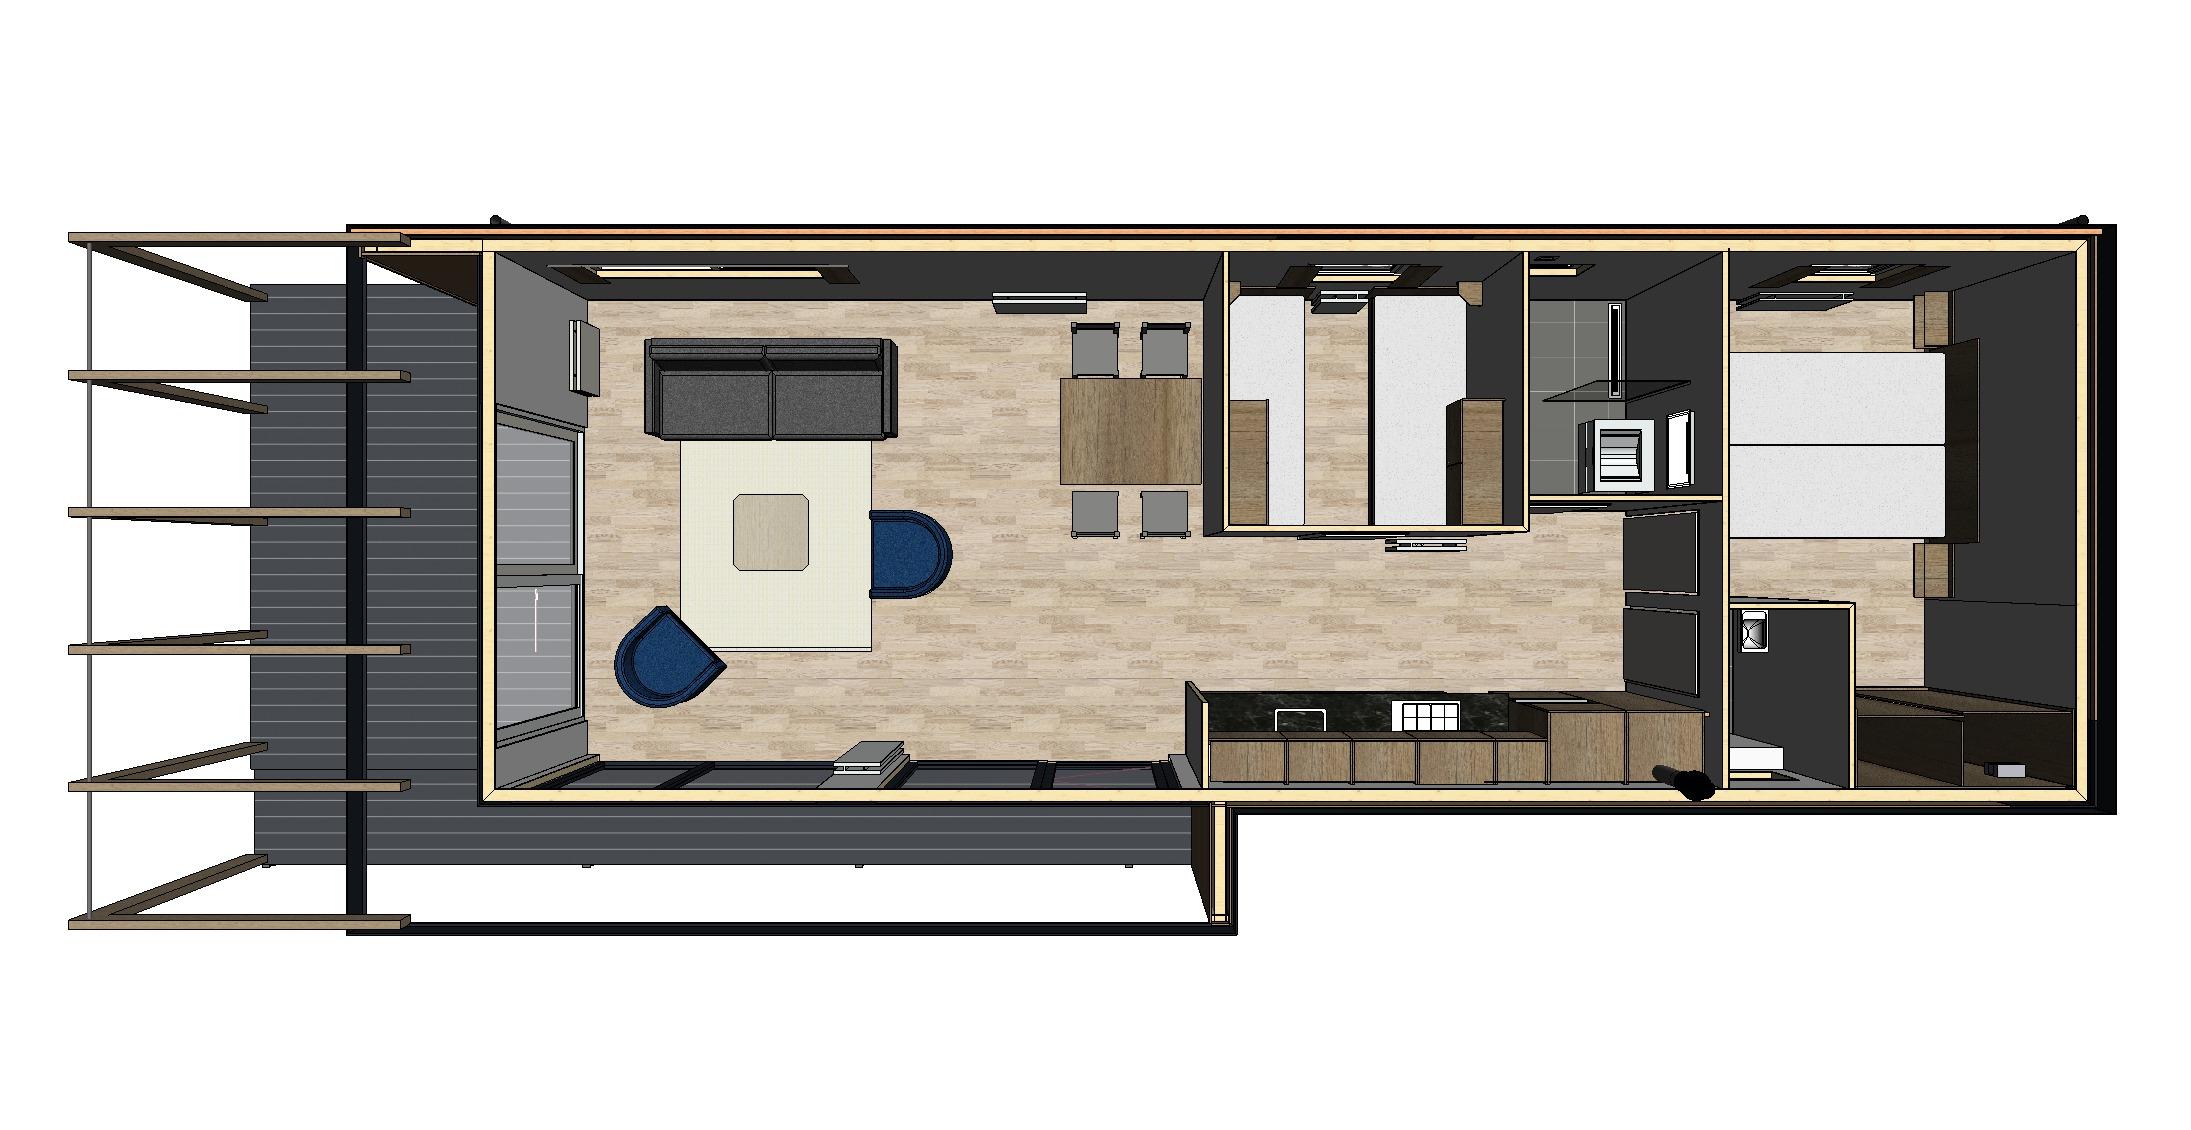 Voorbeeld Bestek Badkamer : Chalet new bay een lust voor het oog arcabo